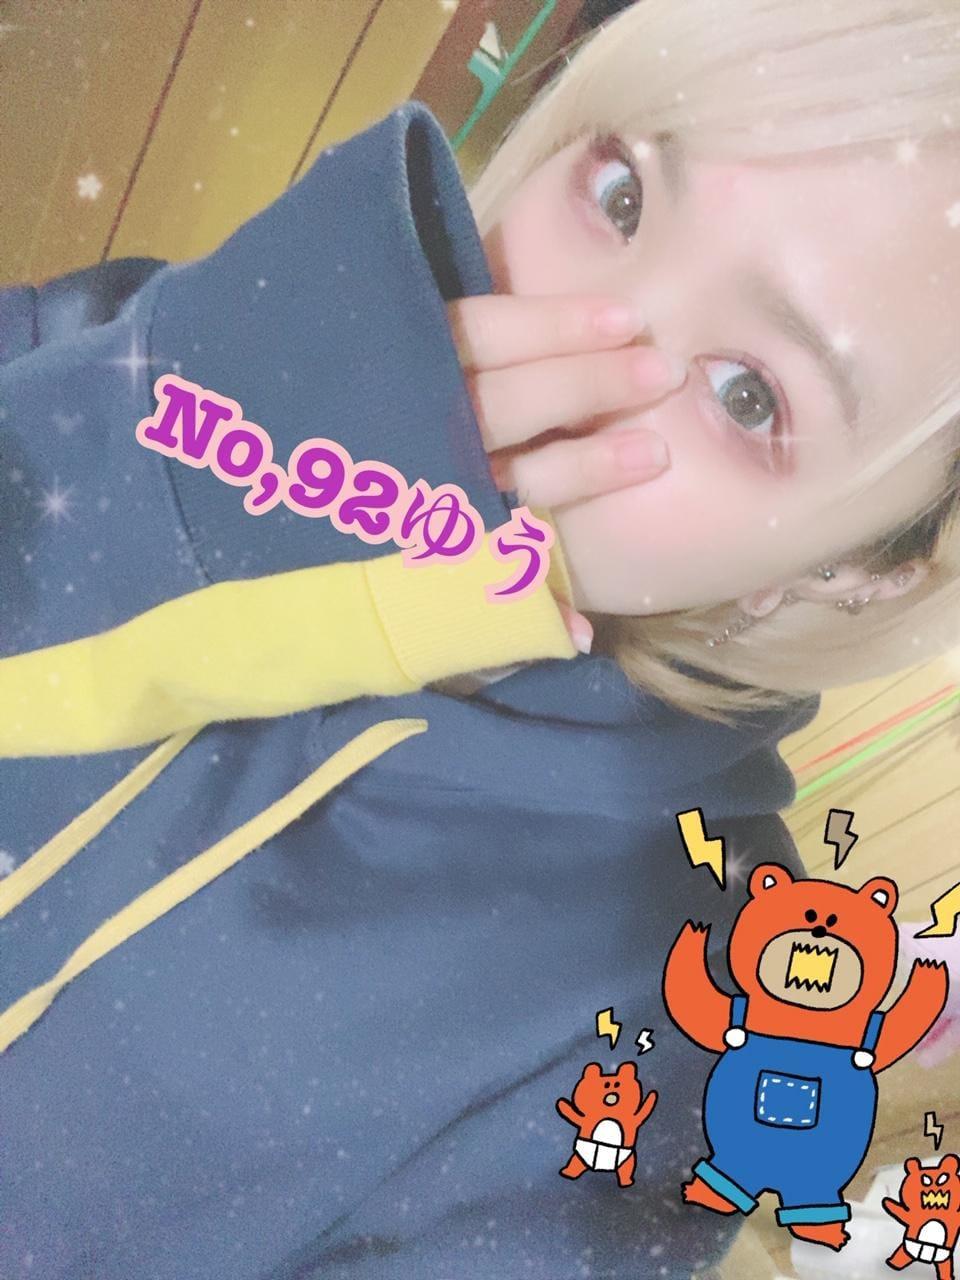 「ありがとう♡」11/11(11/11) 10:53 | ゆうの写メ・風俗動画